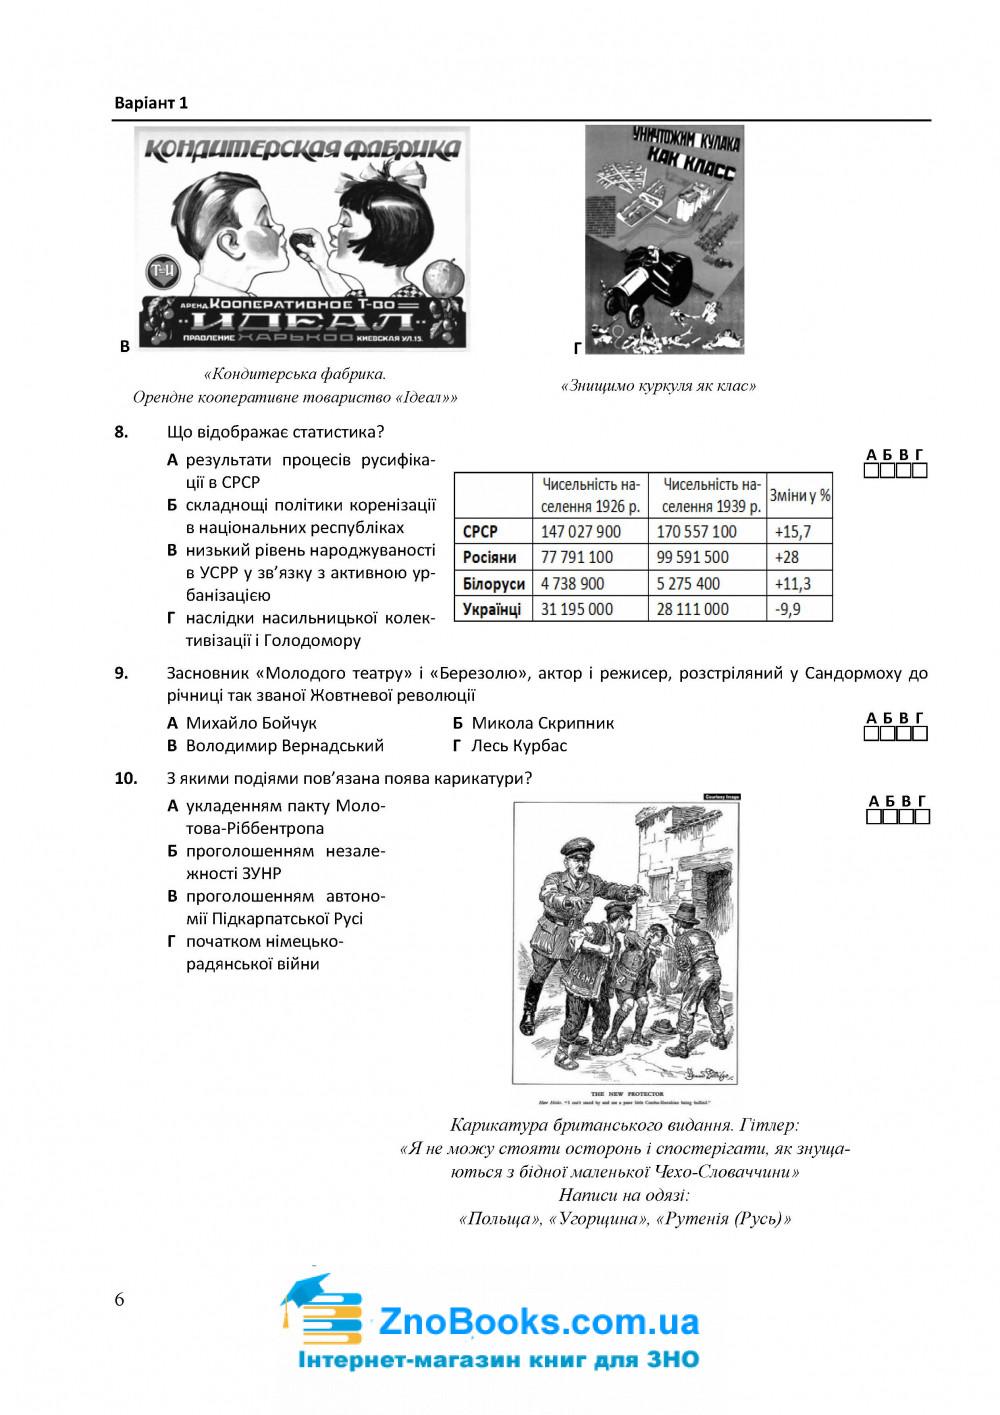 Історія України. Тестові завдання у форматі ЗНО 2021 : Земерова Т. Підручники і посібники купити 6